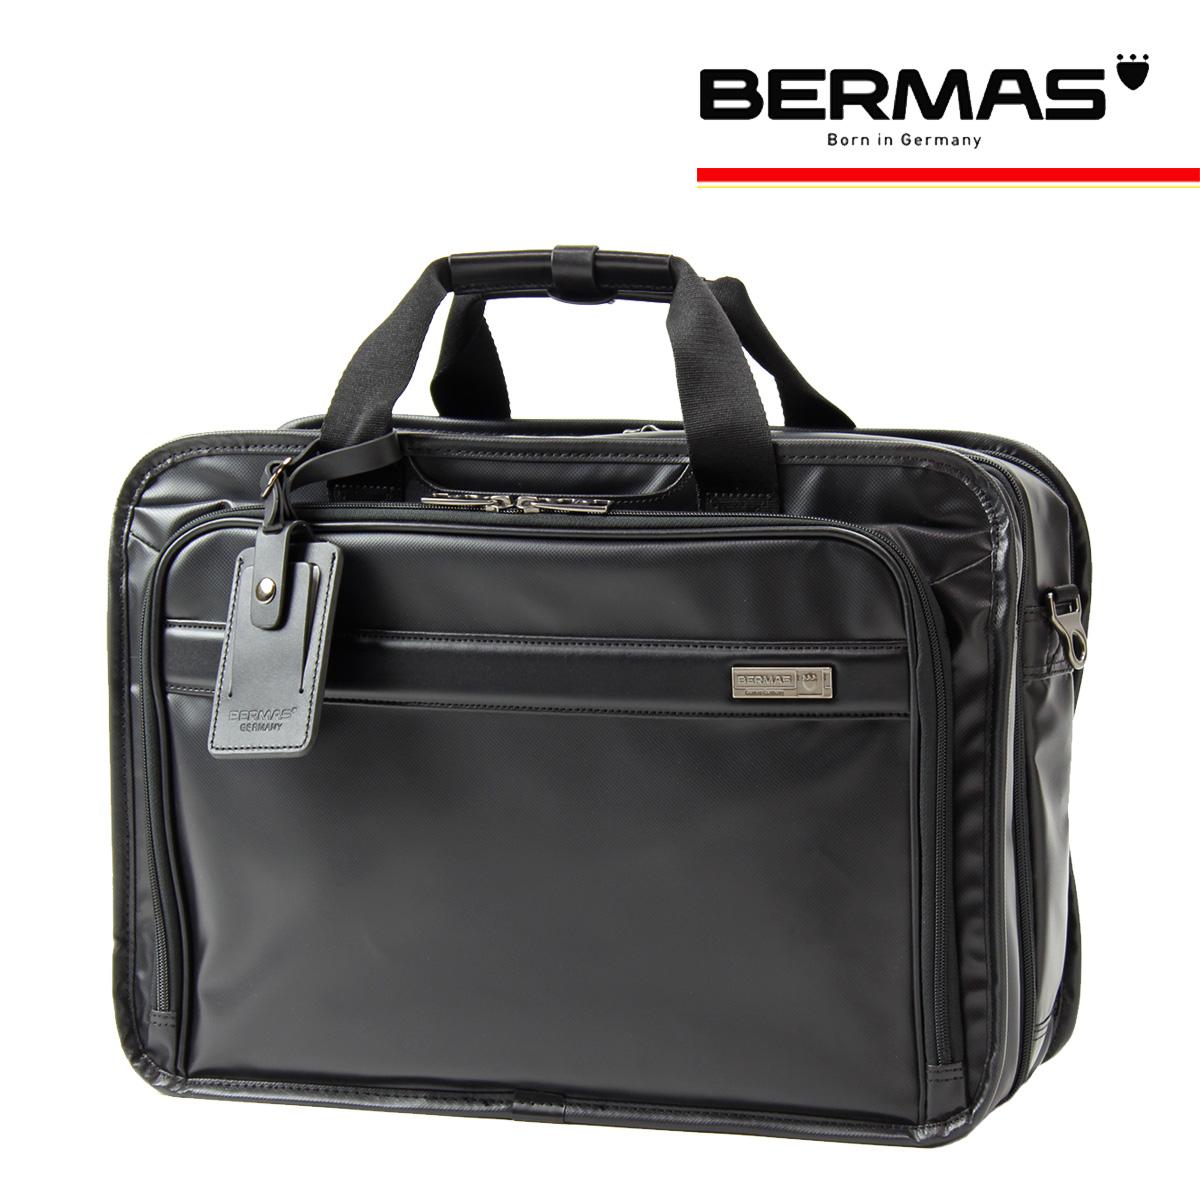 バーマス ブリーフケース 2WAY インターシティ メンズ 60461 | BERMAS ビジネスバッグ 撥水 防汚 キャリーオン Lサイズ[PO10][bef]